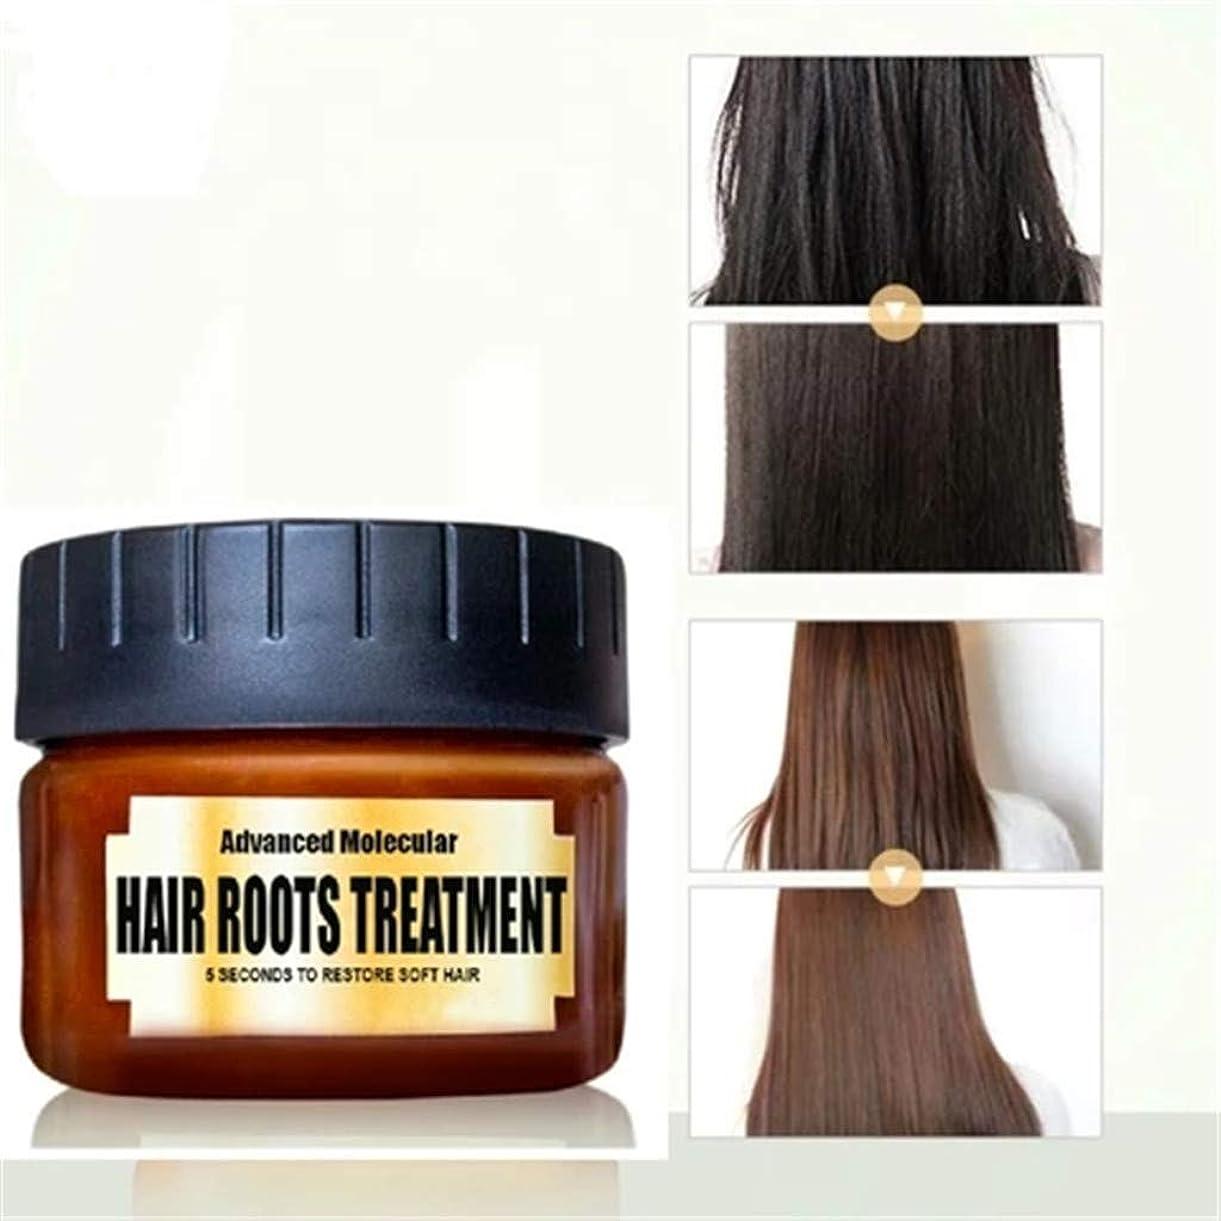 見る人支援する真似るコンディショナー ヘアケアコンディショナー ヘアデトキシファイングヘアマスク 高度な分子 毛根治療の回復 乾燥または損傷した髪と頭皮の治療のための髪の滑らかなしなやか (B 60 ml)